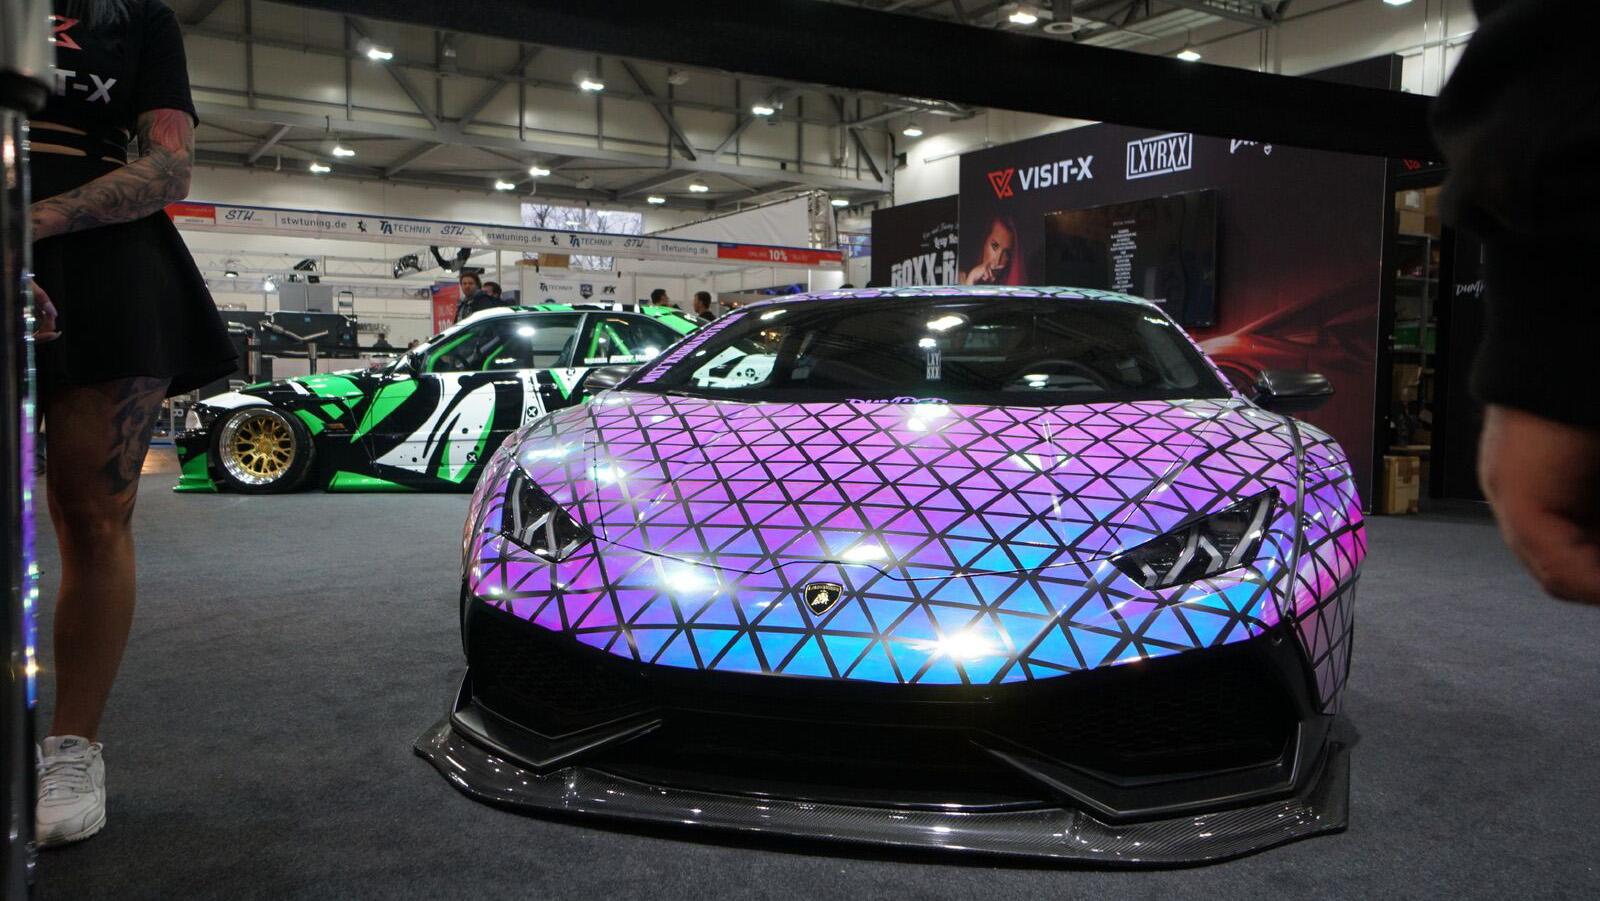 Essen Motorshow 2017 Lexy Roxx